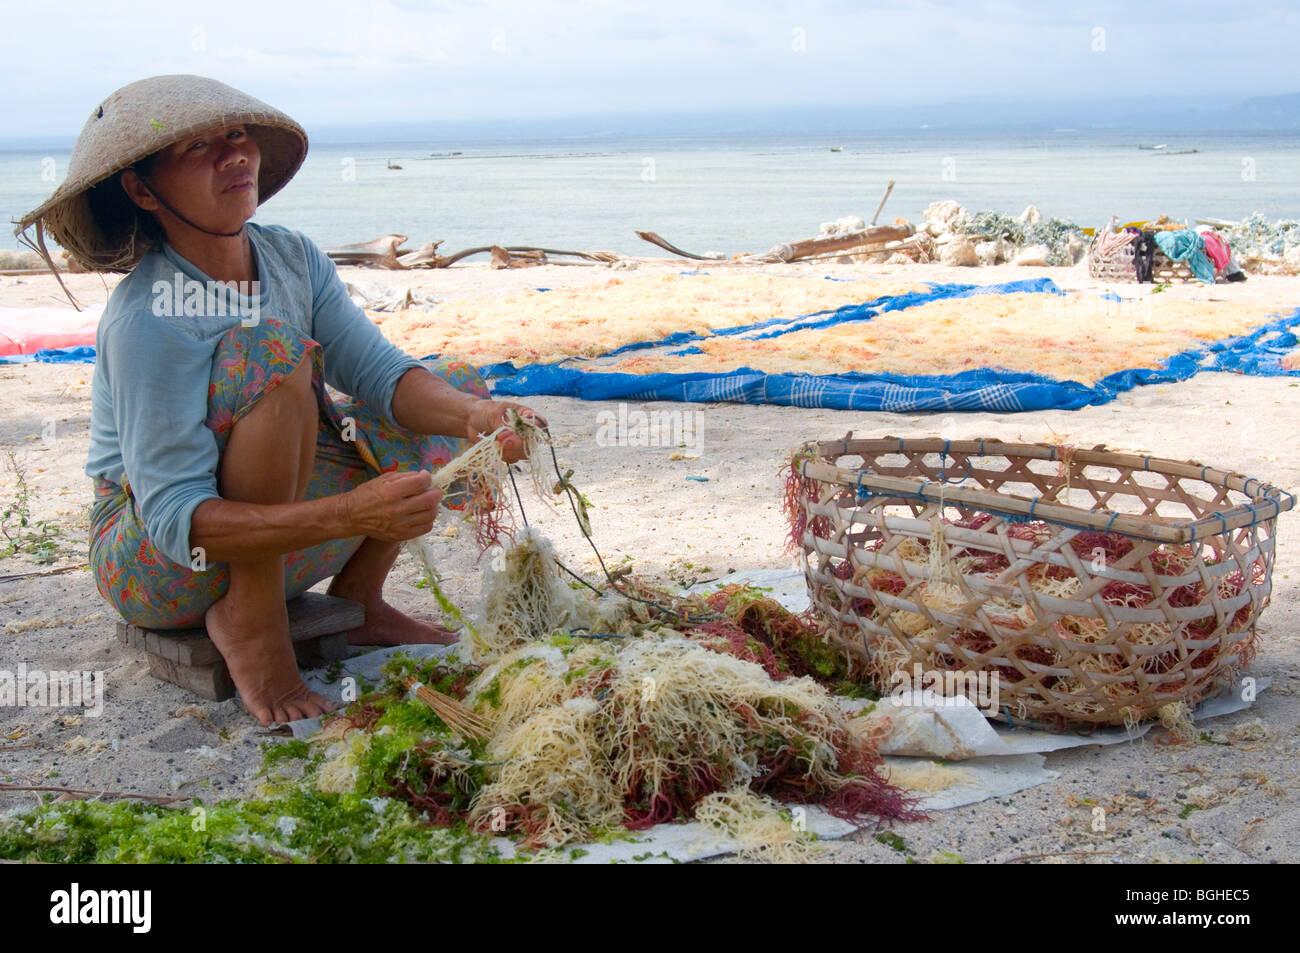 Woman sorting seaweed harvest, Nusa Lembongan, Bali, Indonesia - Stock Image